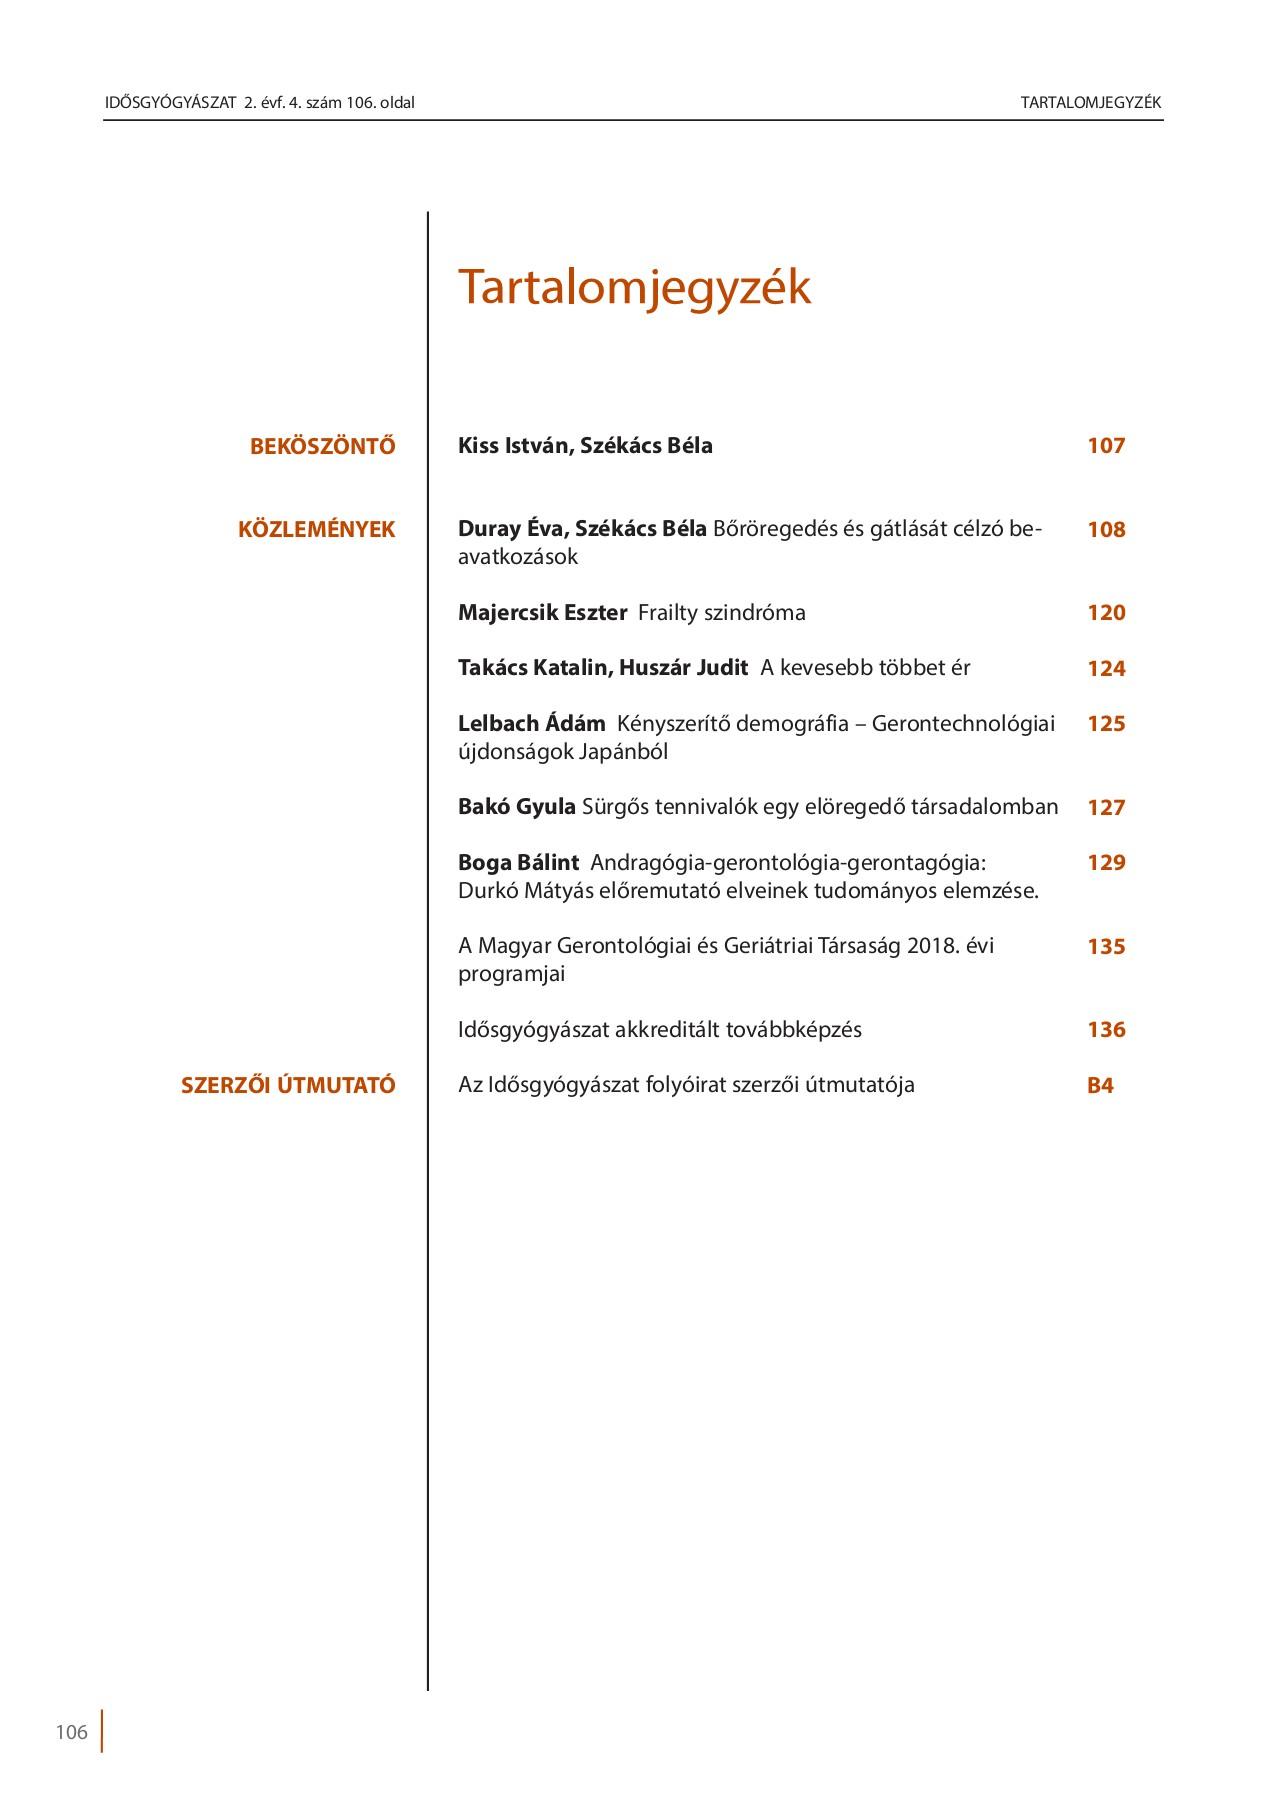 magas vérnyomás kezelés Európában